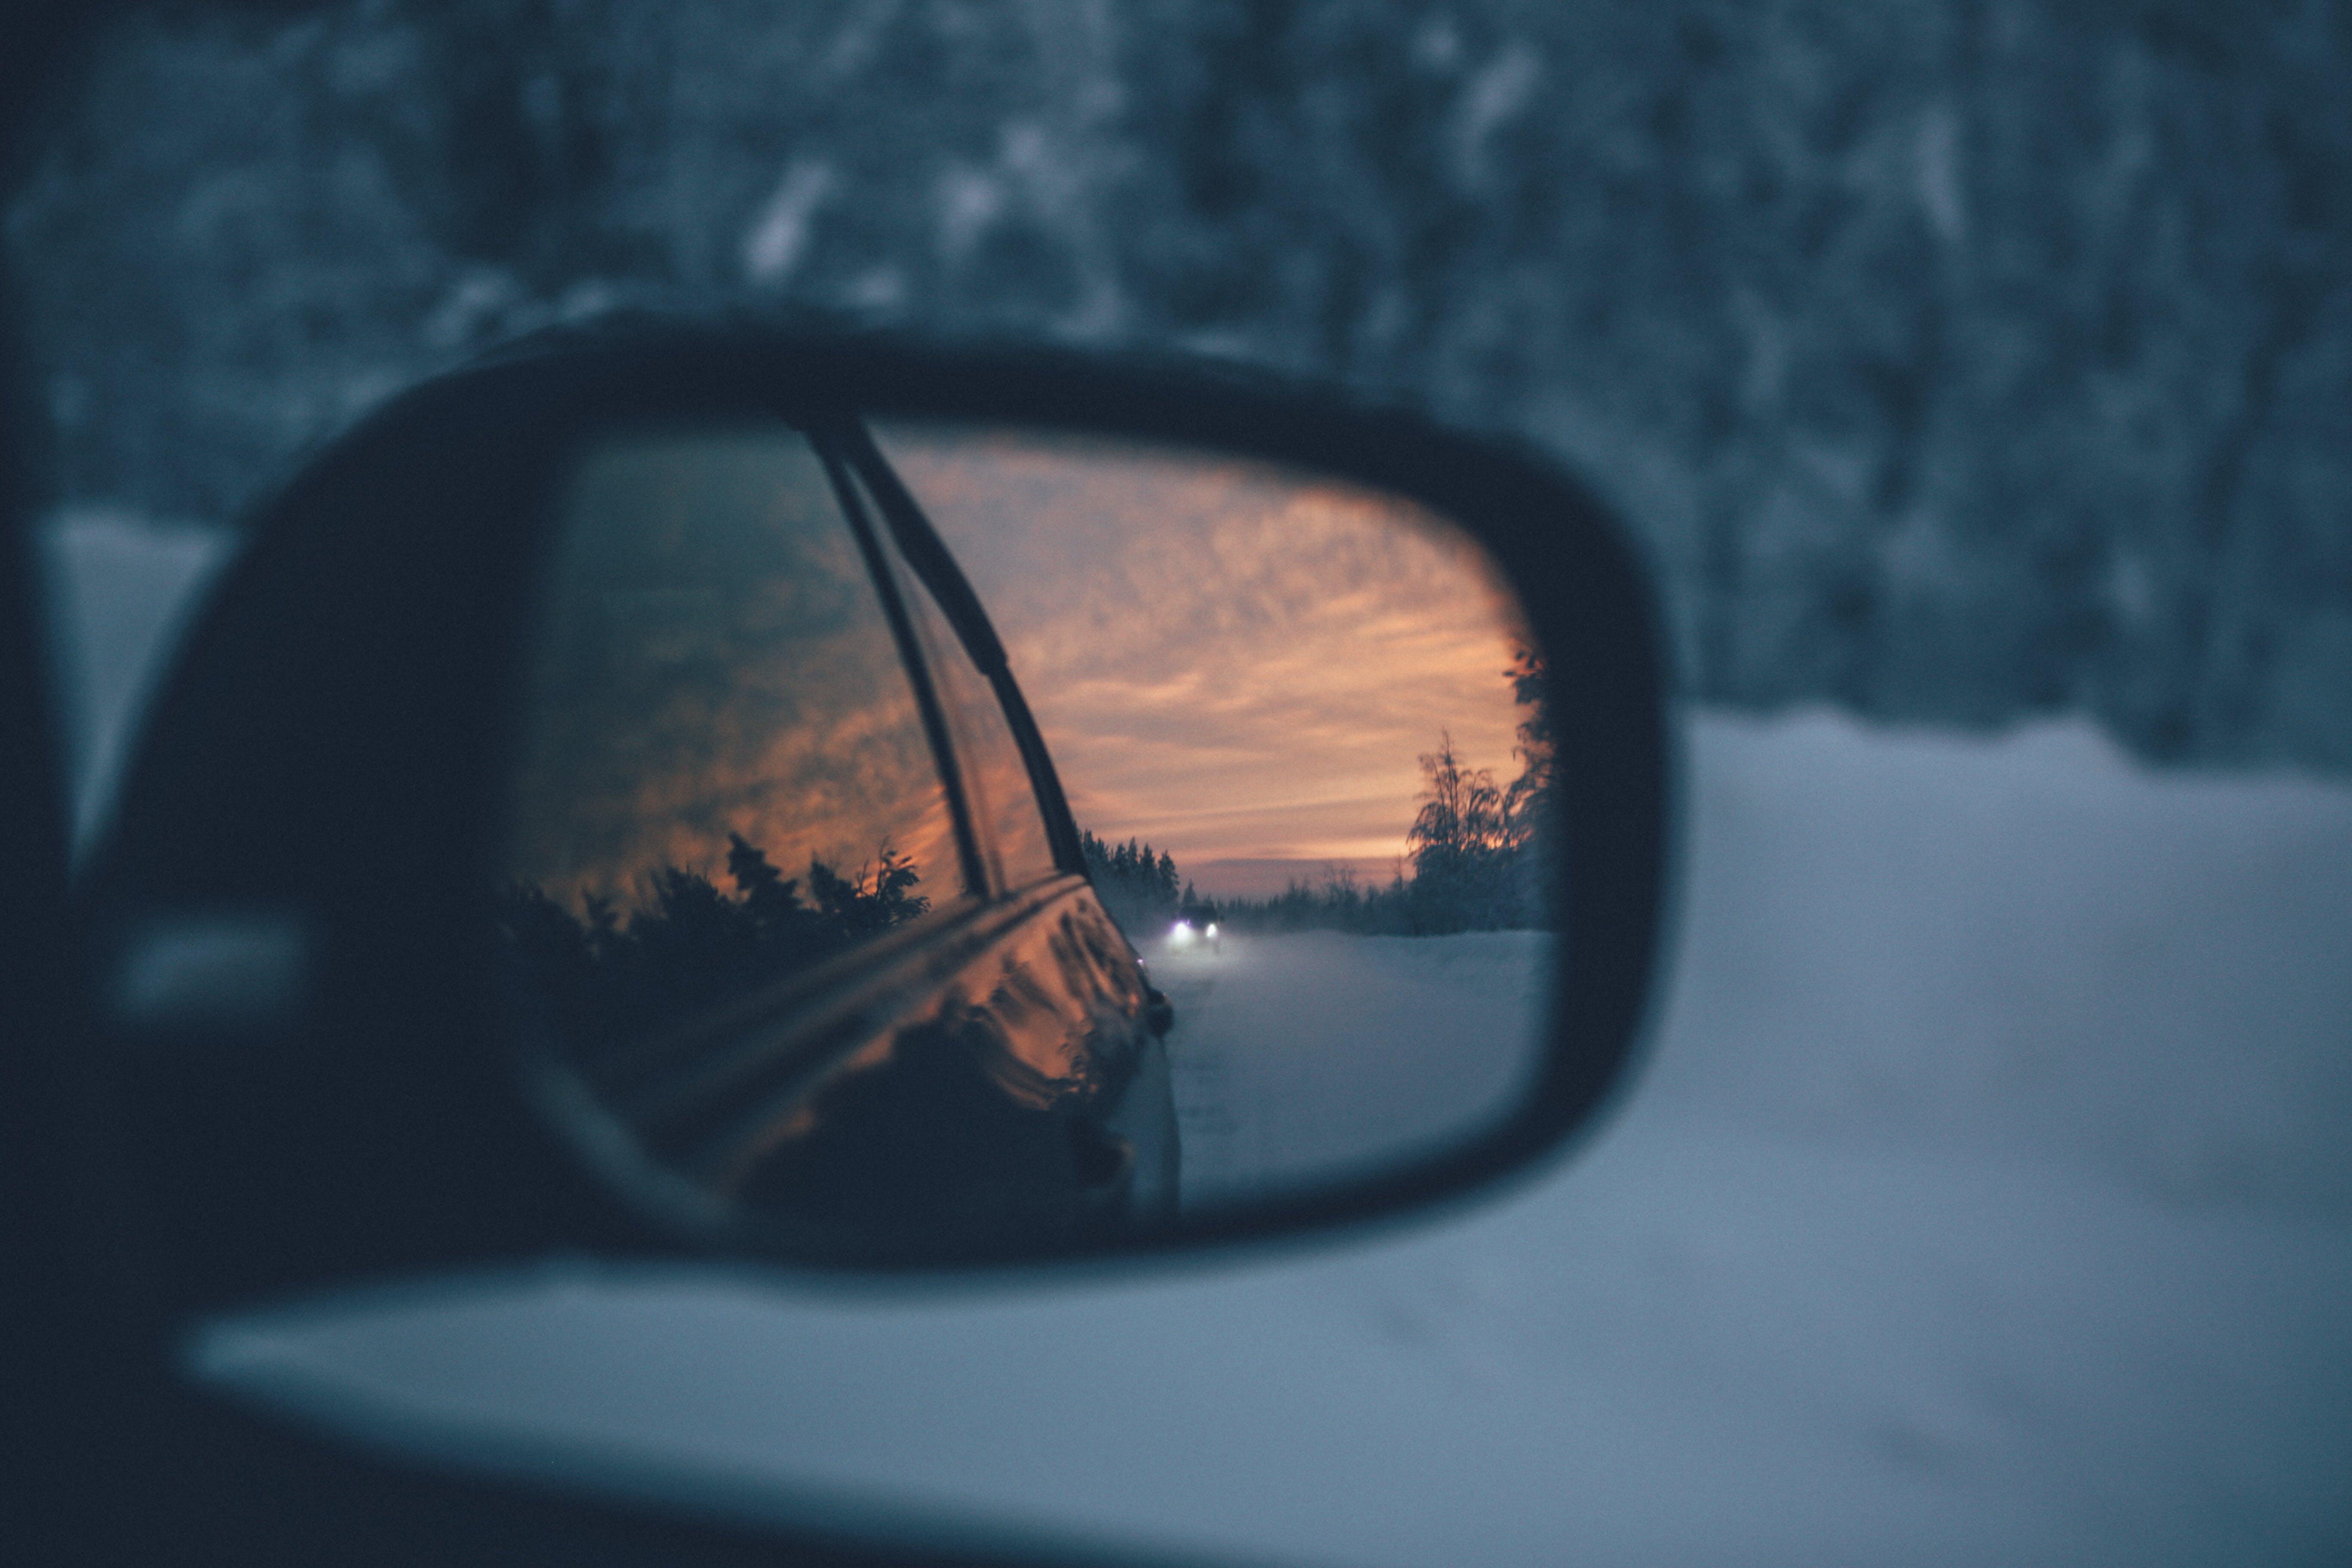 action, blur, car